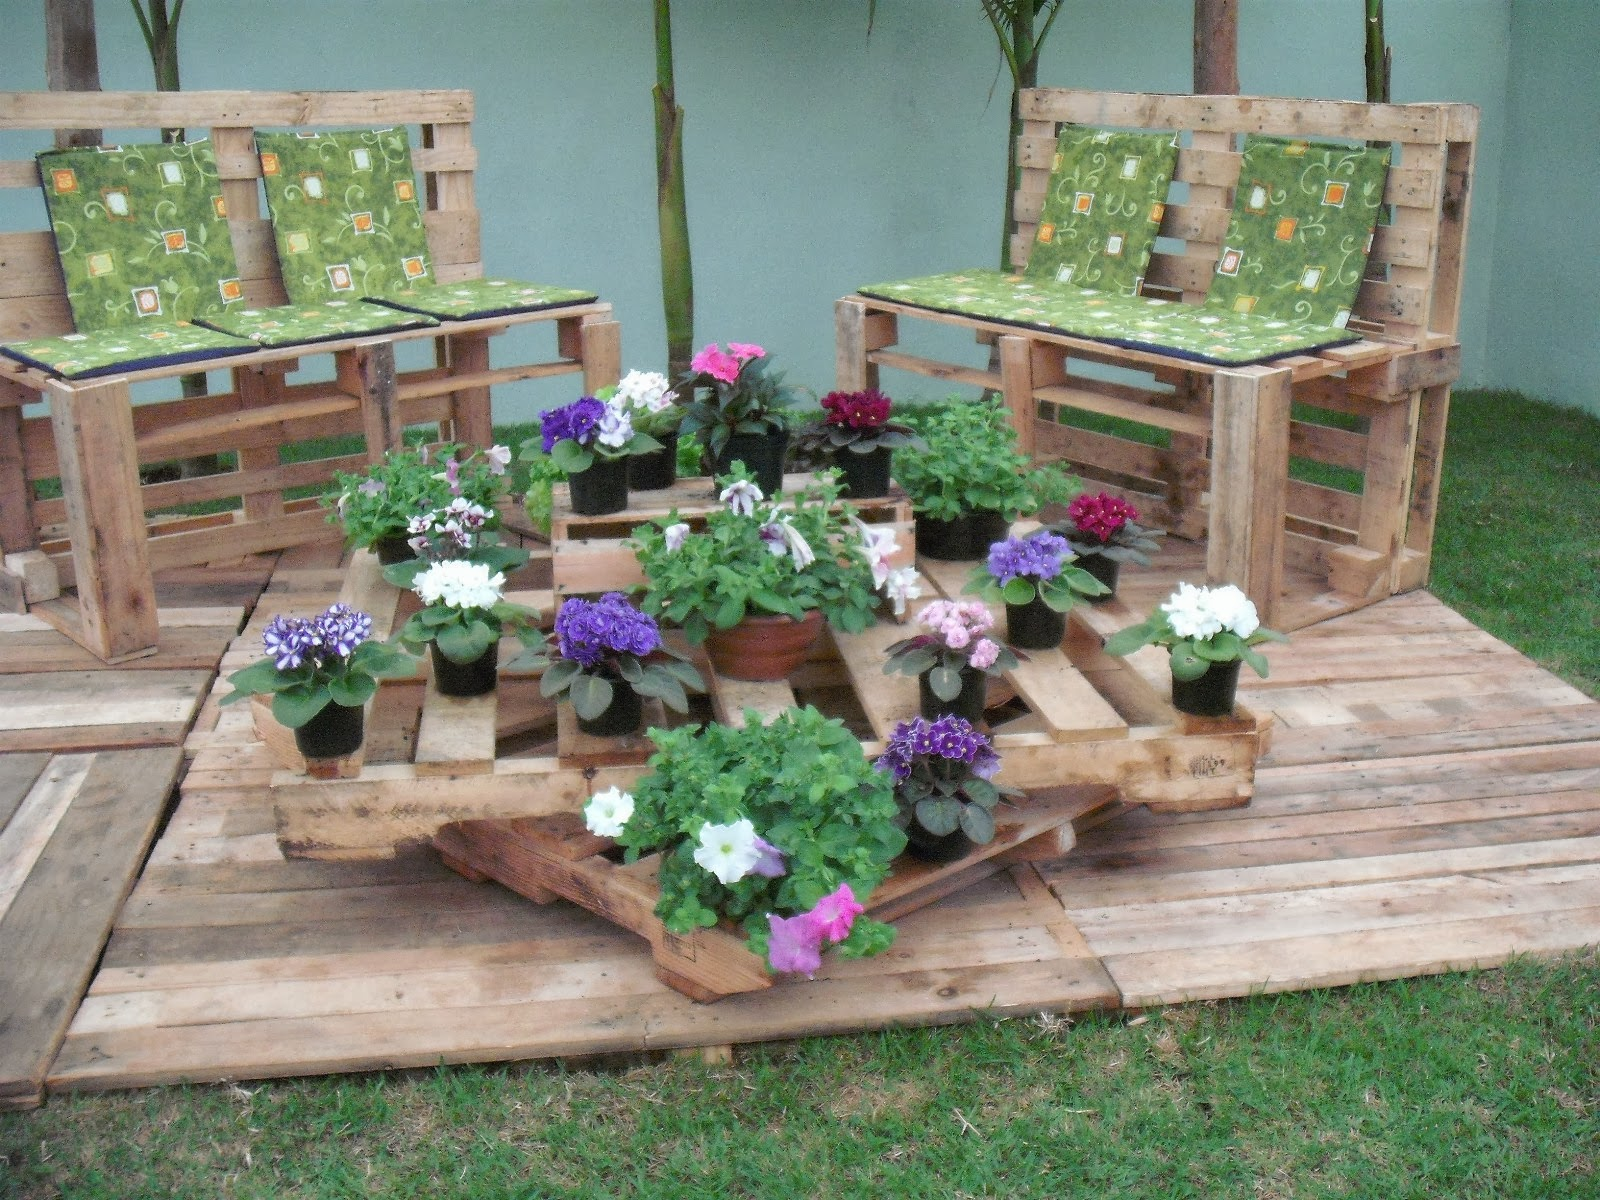 Uso de material reciclado para decoração com flores #60804B 1600x1200